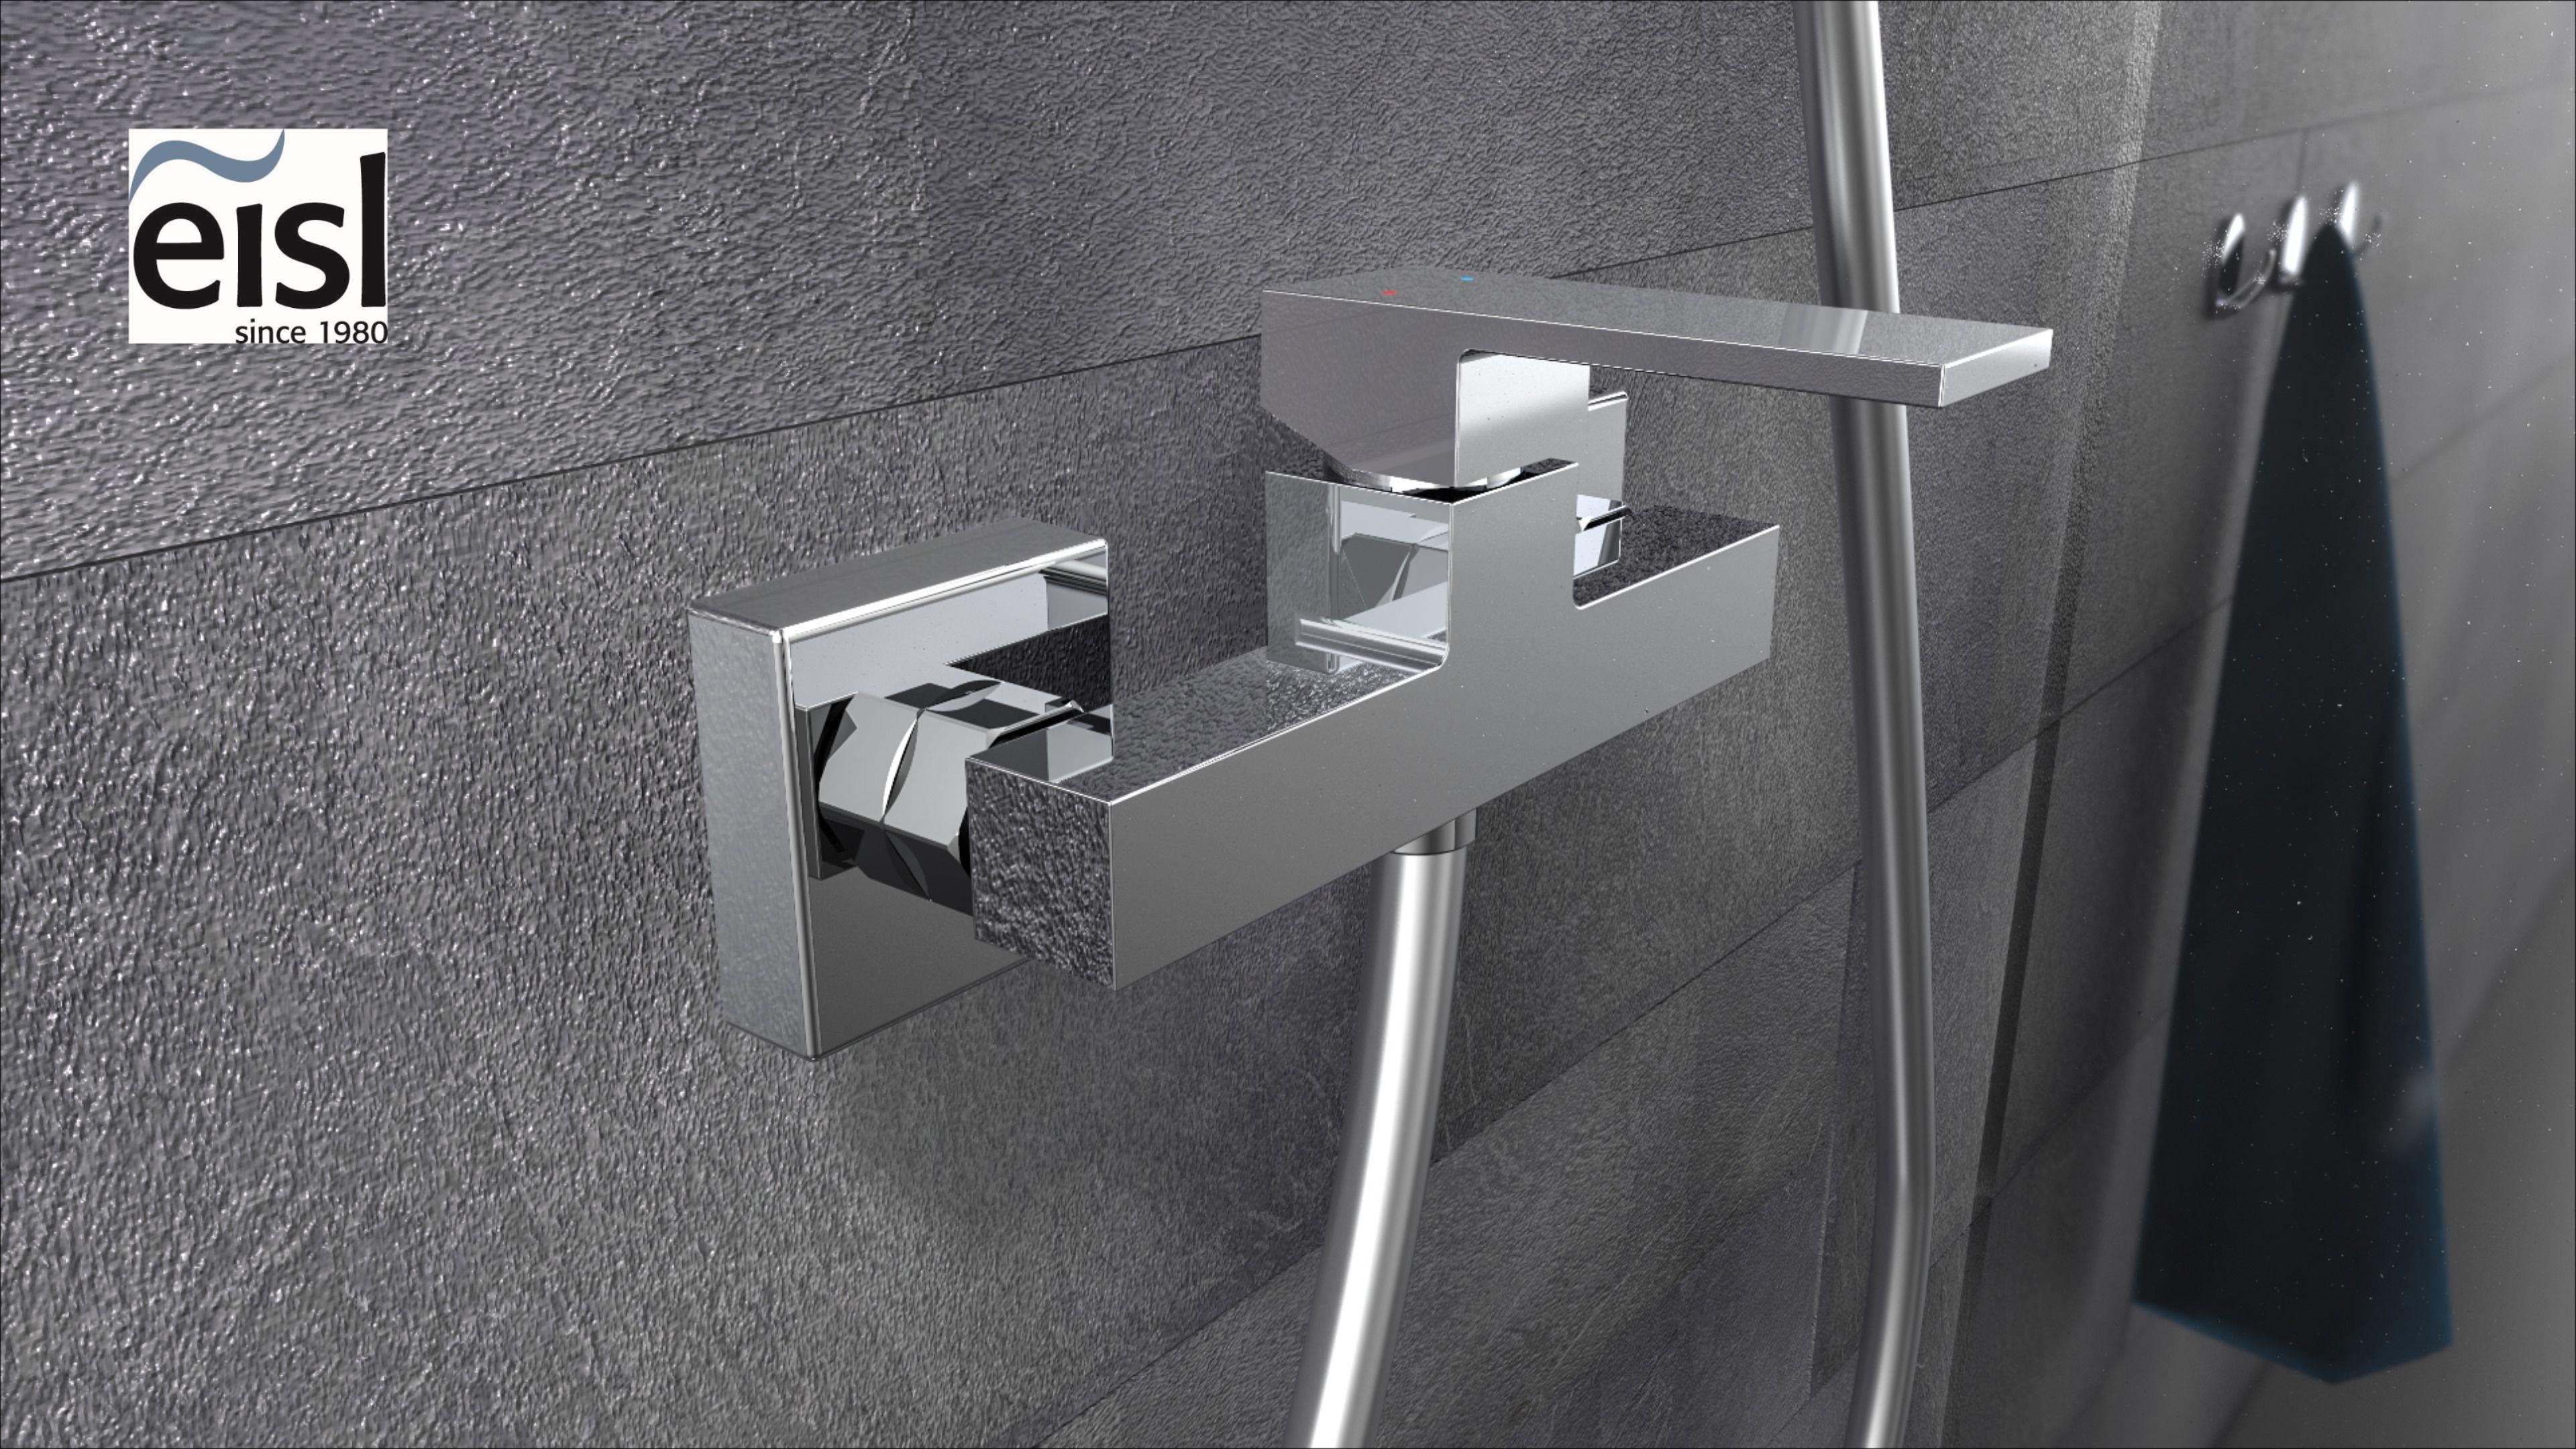 Brausearmatur Duscharmatur Wasserhahn Dusche Badewanne Badezimmer Diy Bad Wohnideen Inspiration Wohnaccessoires Bra In 2020 Brausearmatur Duscharmatur Dusche